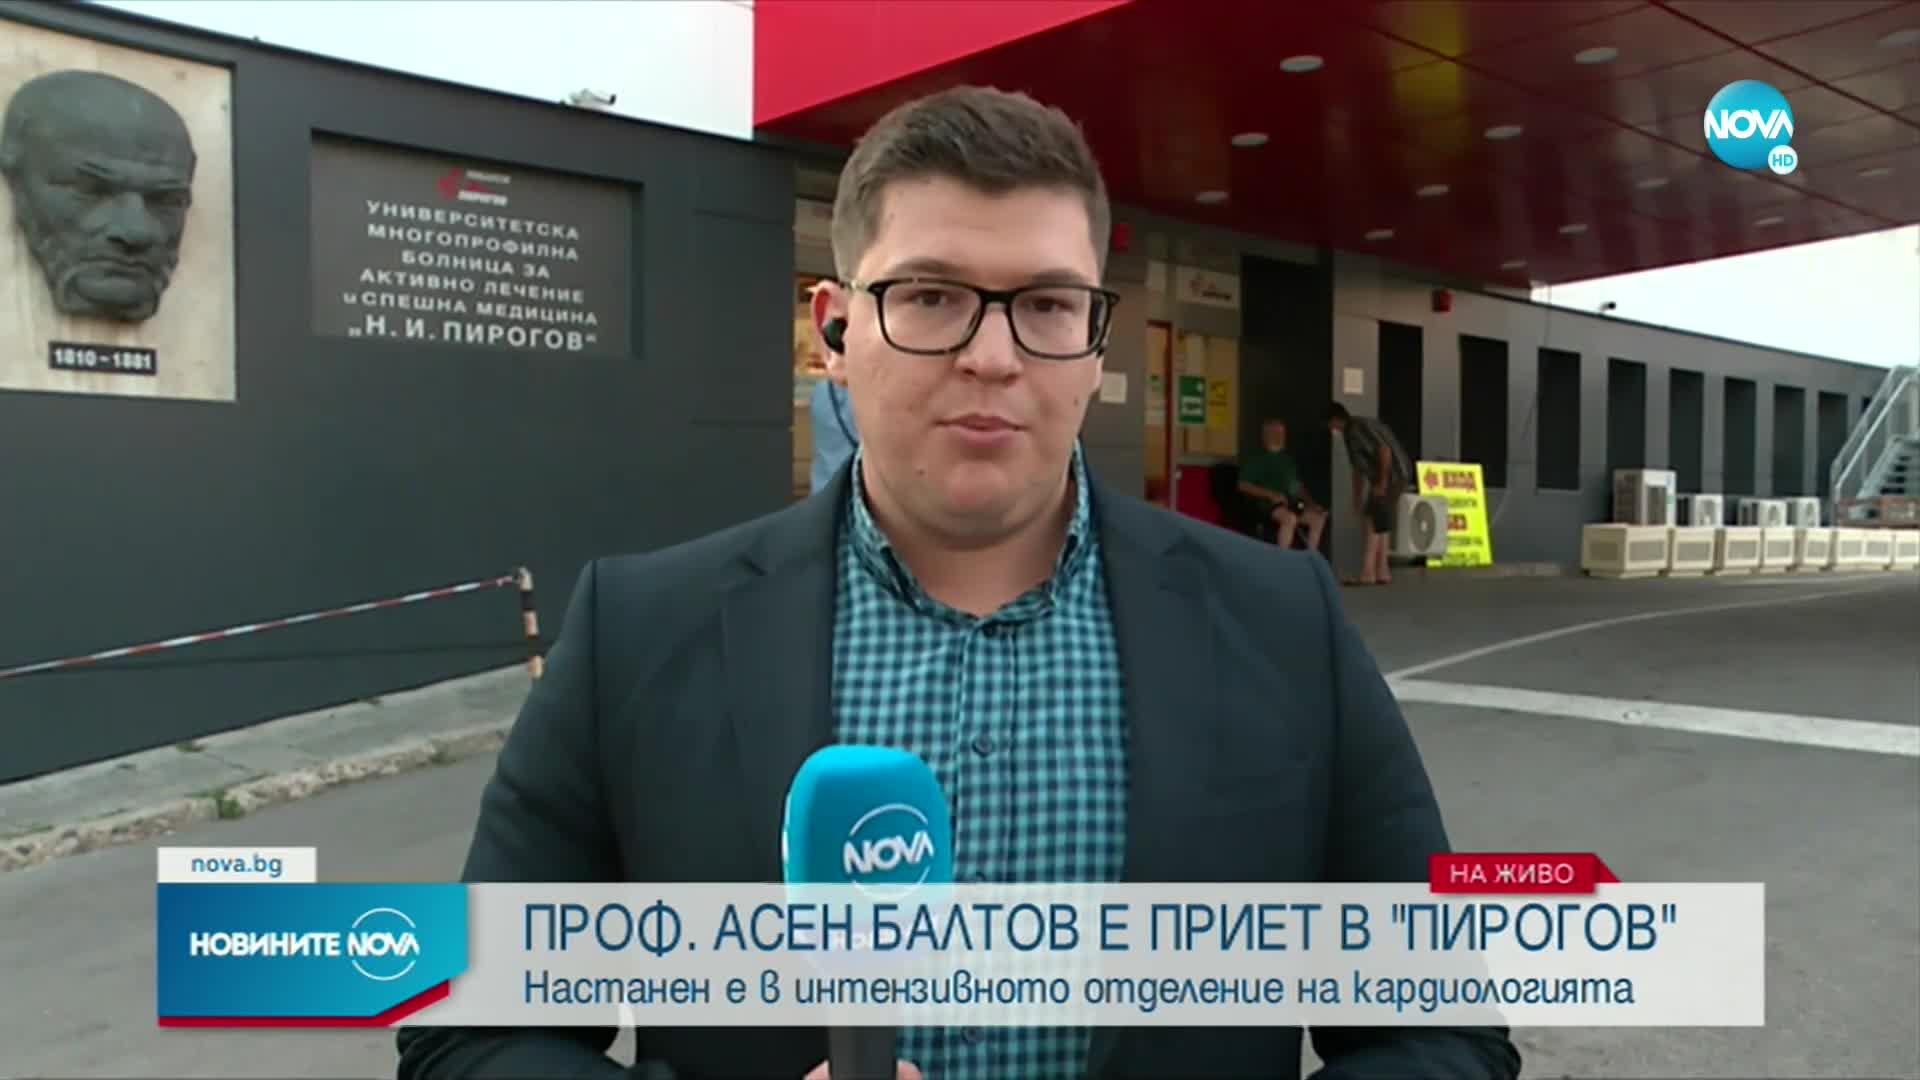 """Проф. Балтов е приет в интензивното отделение на кардиологията в """"Пирогов"""""""